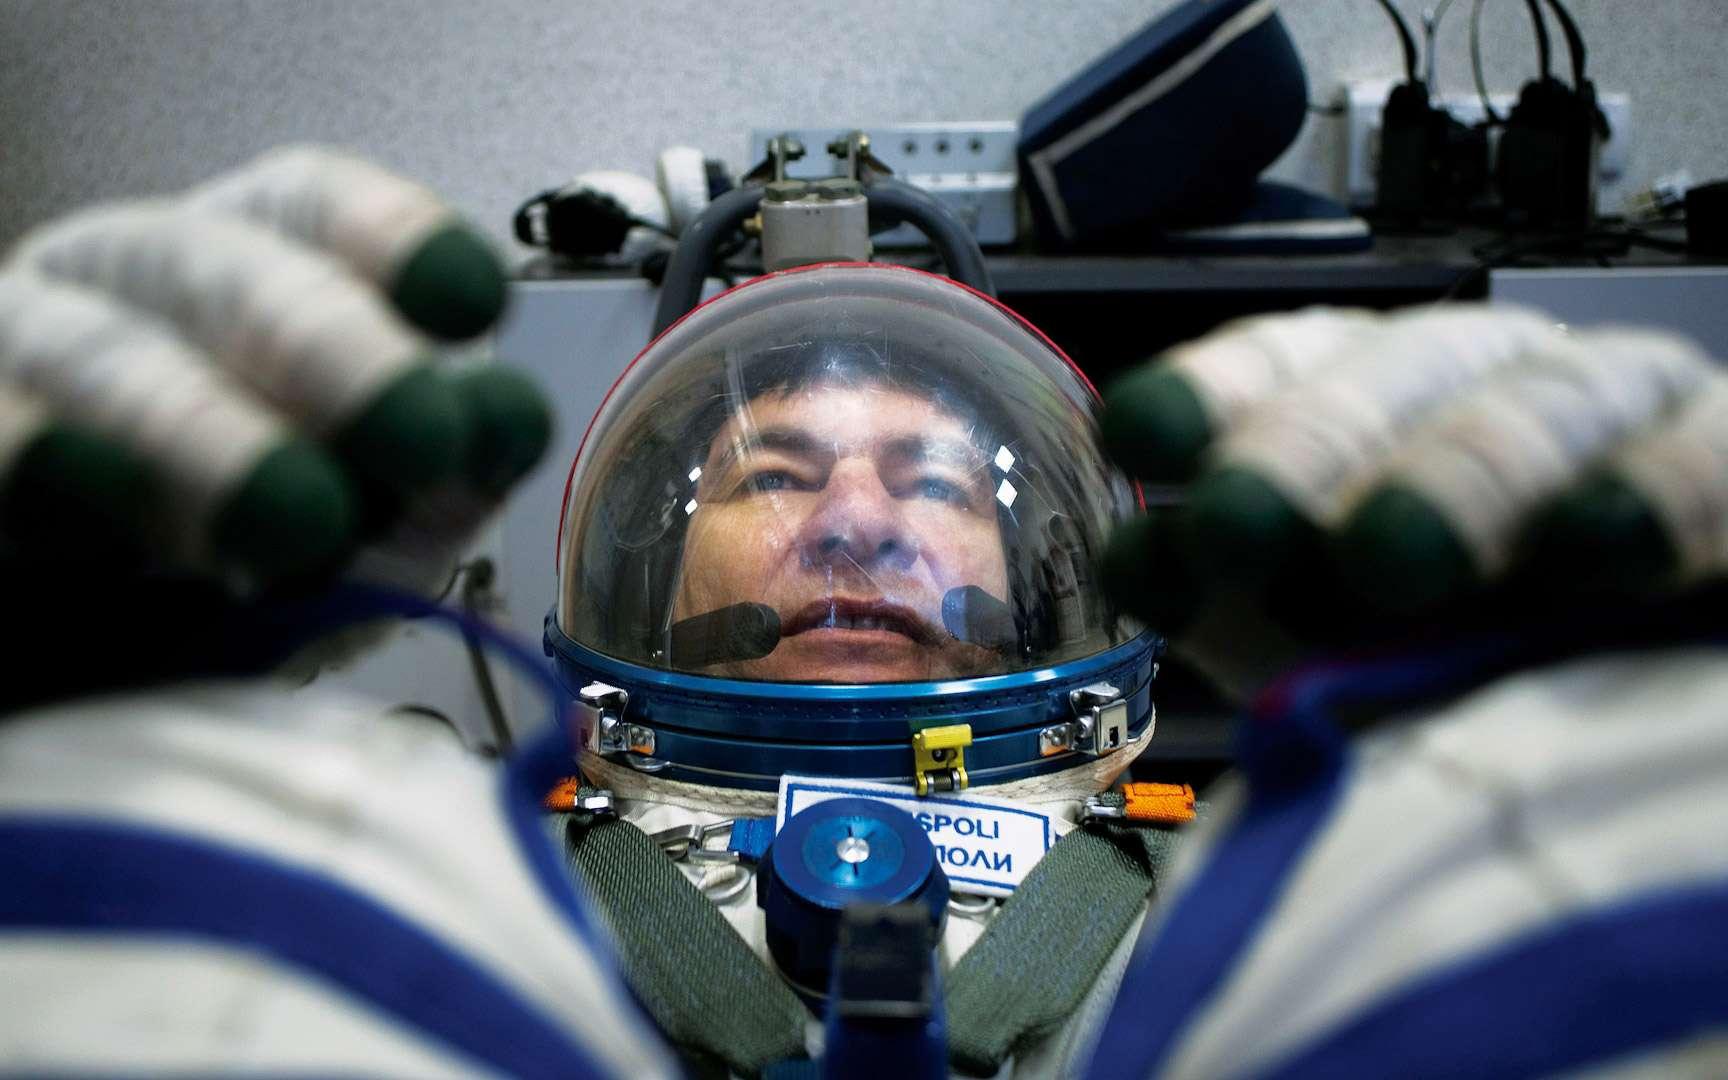 L'Italien Paolo Nespoli, doublure de Thomas Pesquet lors de la mission Proxima, retourne dans l'espace pour la troisième fois. Il est arrivé à bord de l'ISS. © ESA